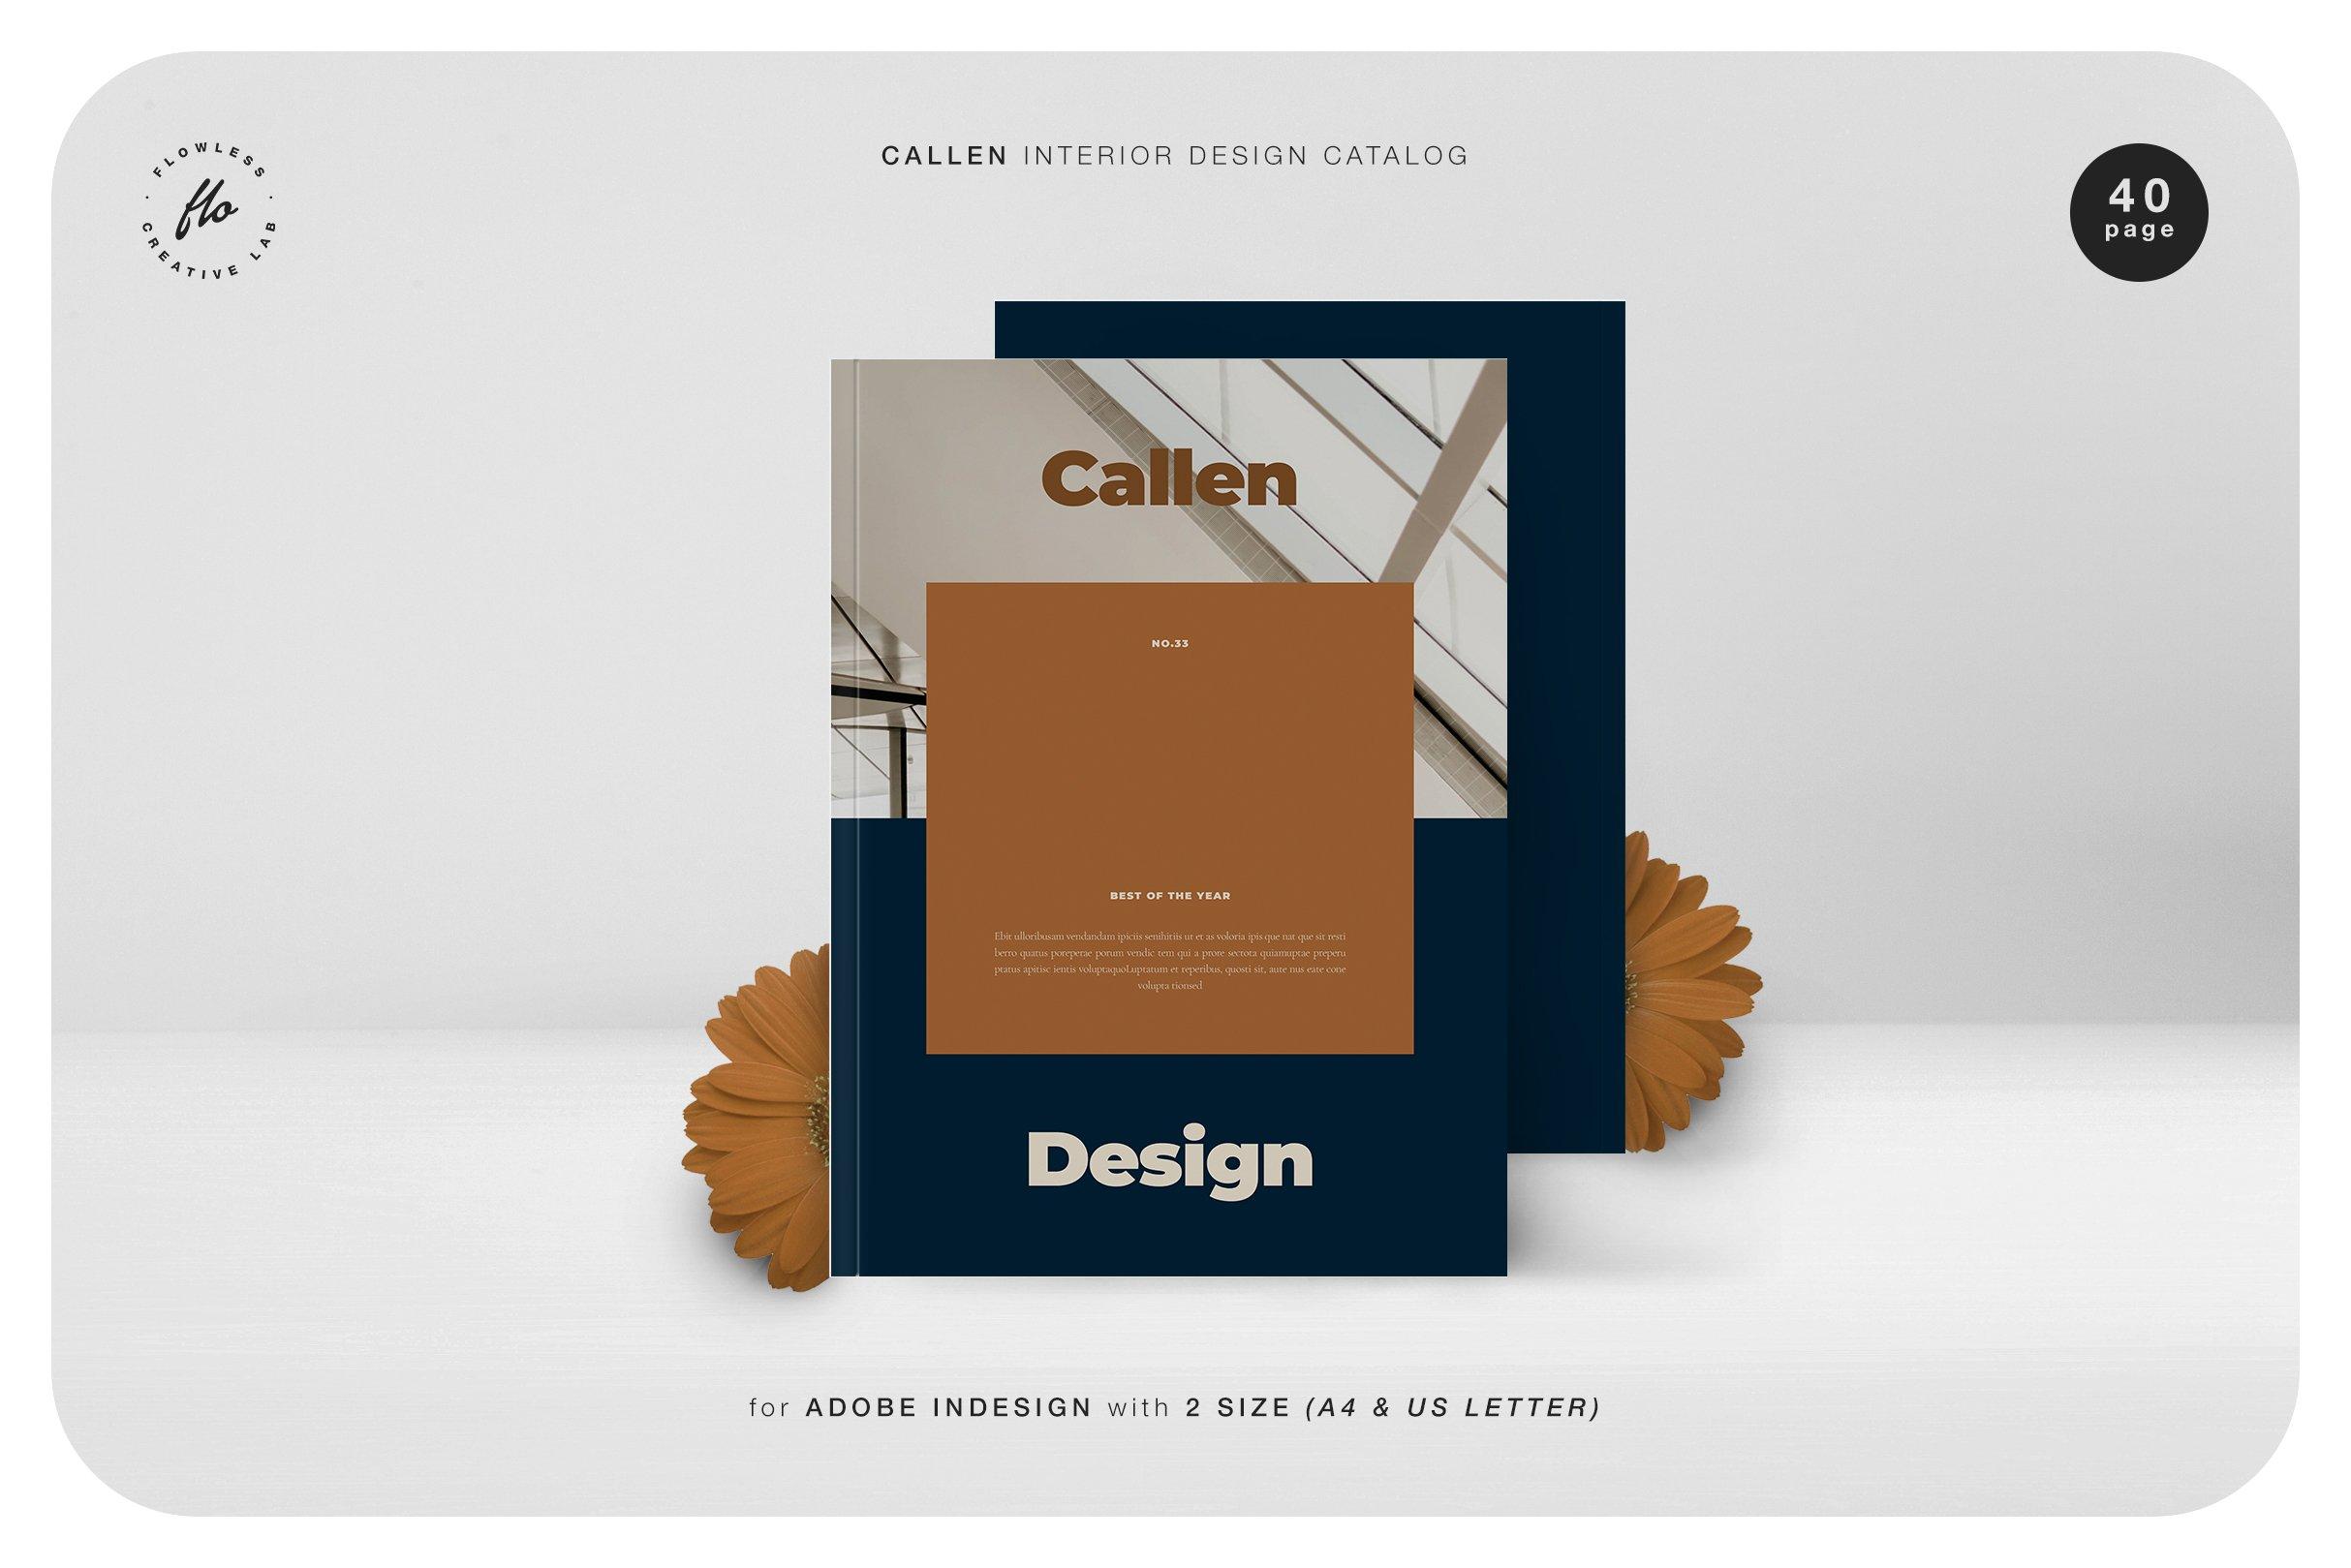 室内设计摄影作品集目录INDD画册模板 CALLEN Interior Design Catalog插图